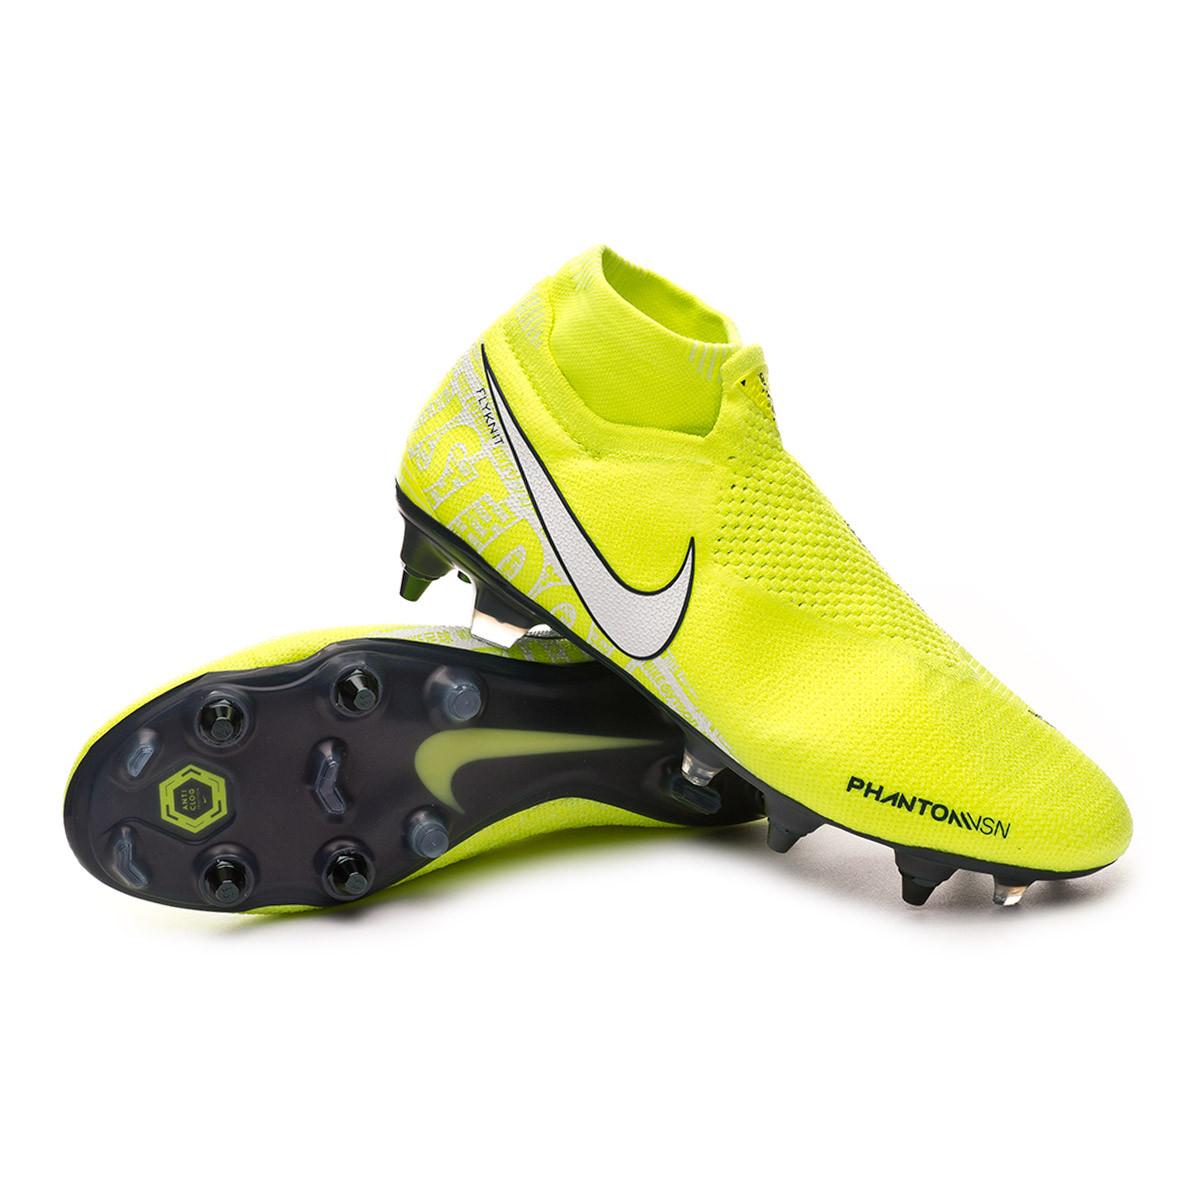 scarpe nike phantom